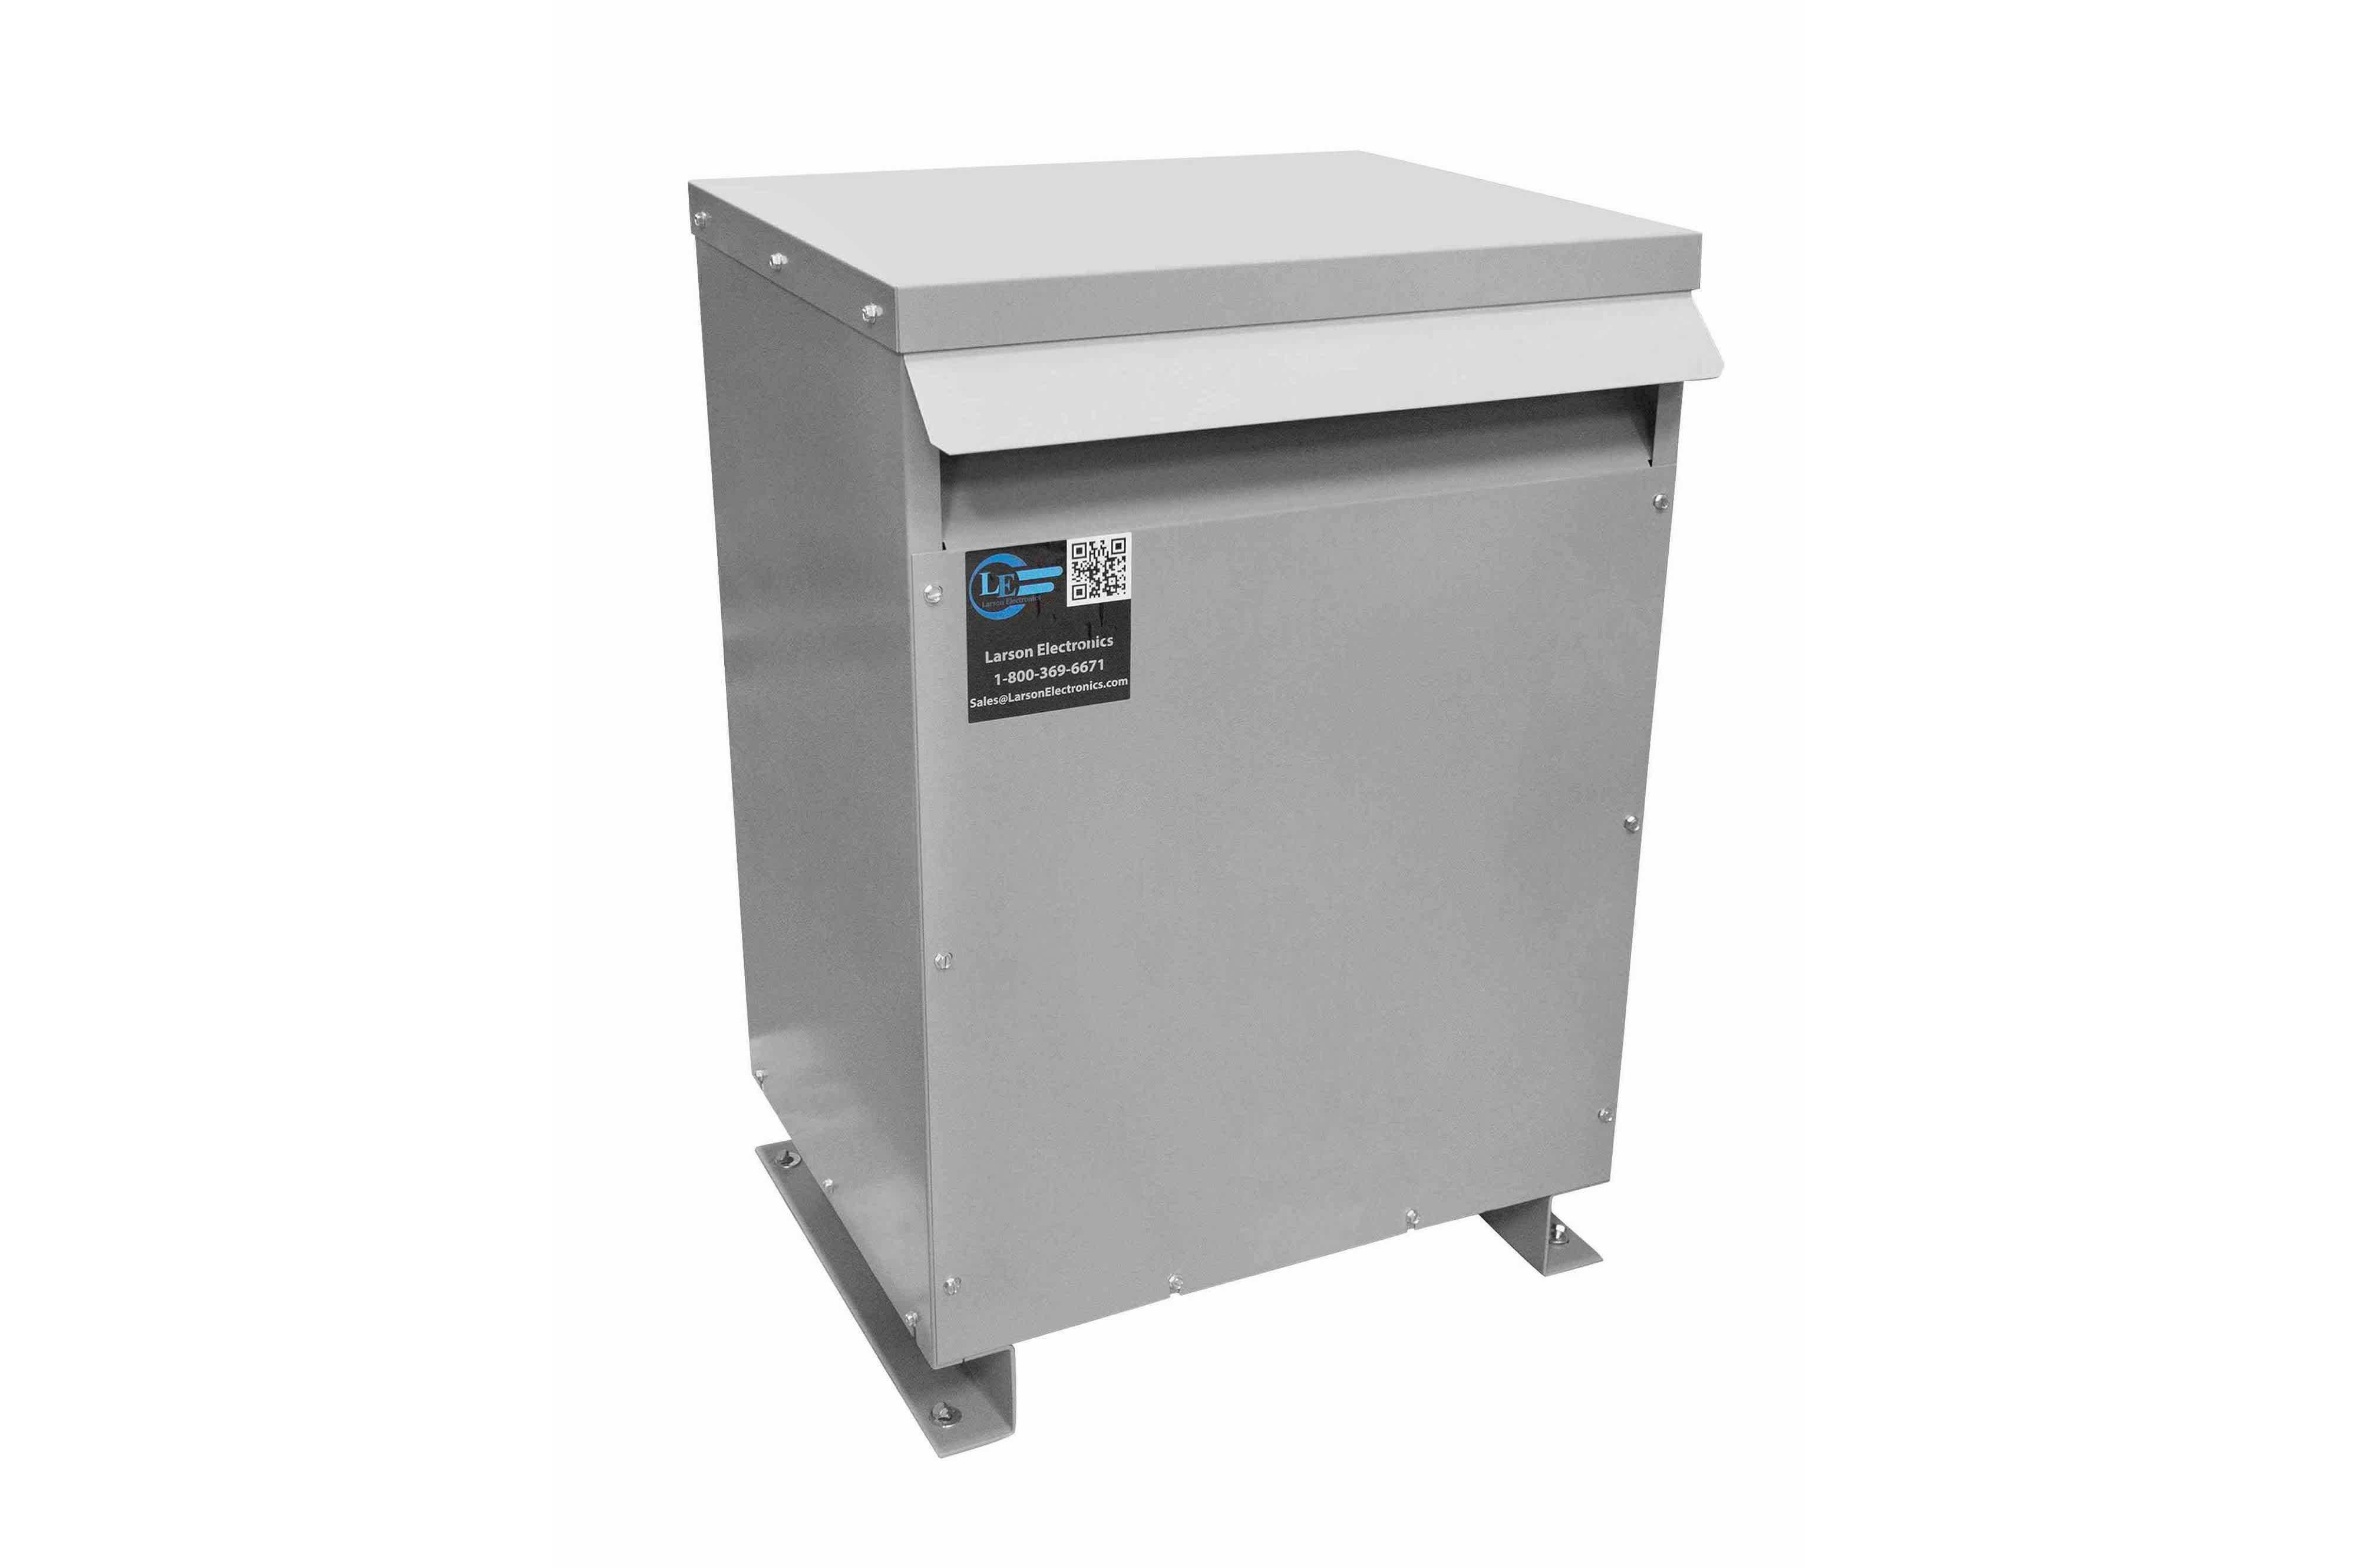 800 kVA 3PH DOE Transformer, 380V Delta Primary, 240V/120 Delta Secondary, N3R, Ventilated, 60 Hz